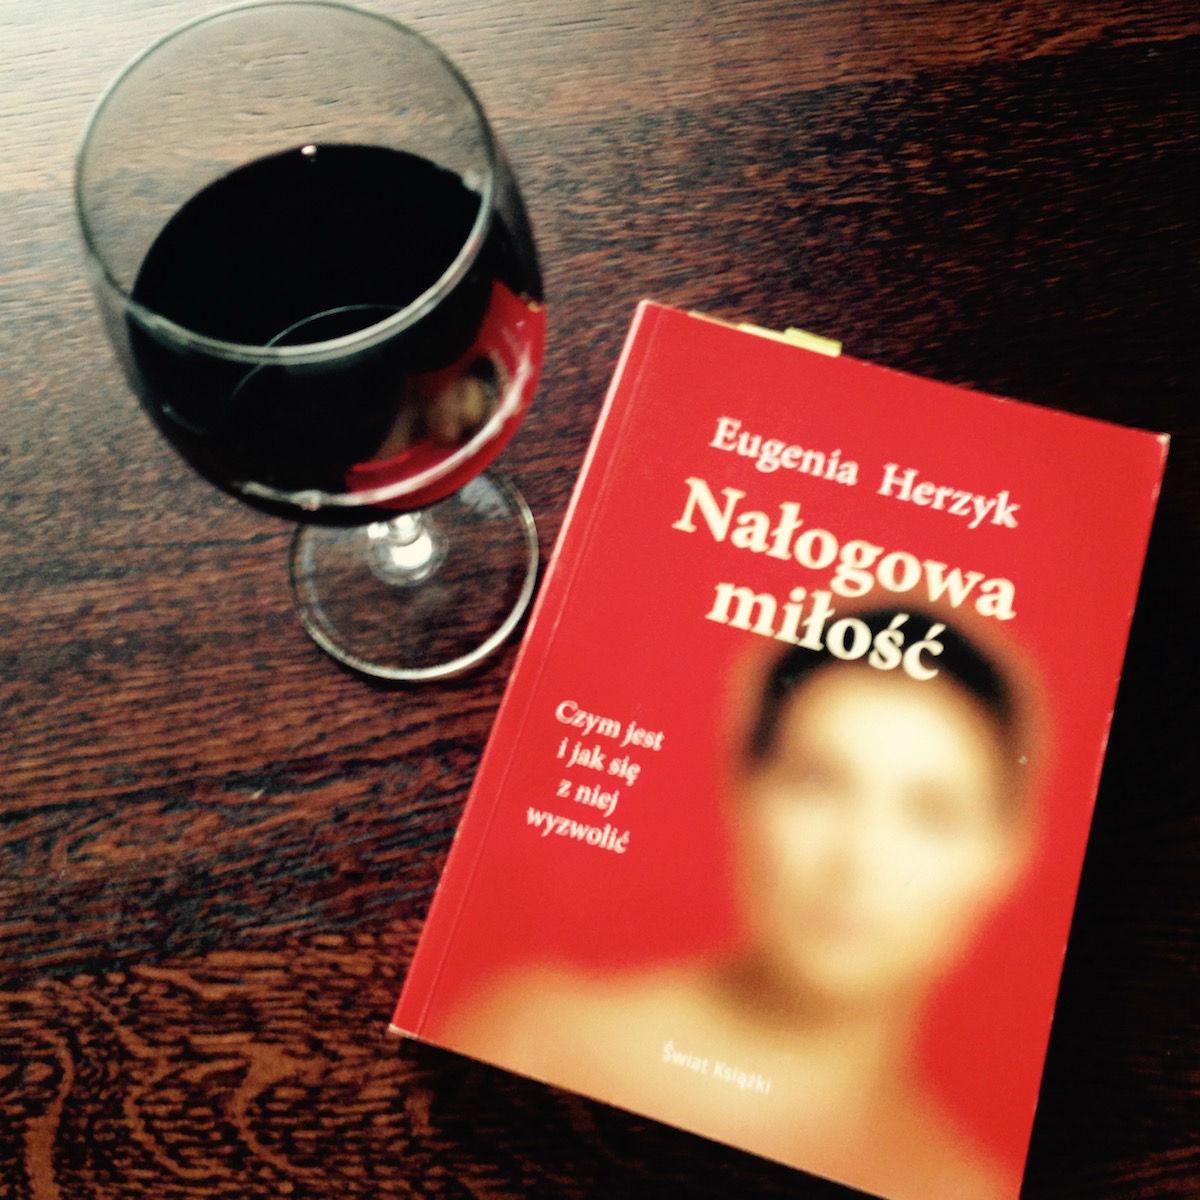 Książka autorki Eugenii Herzyk Nałogowa miłość